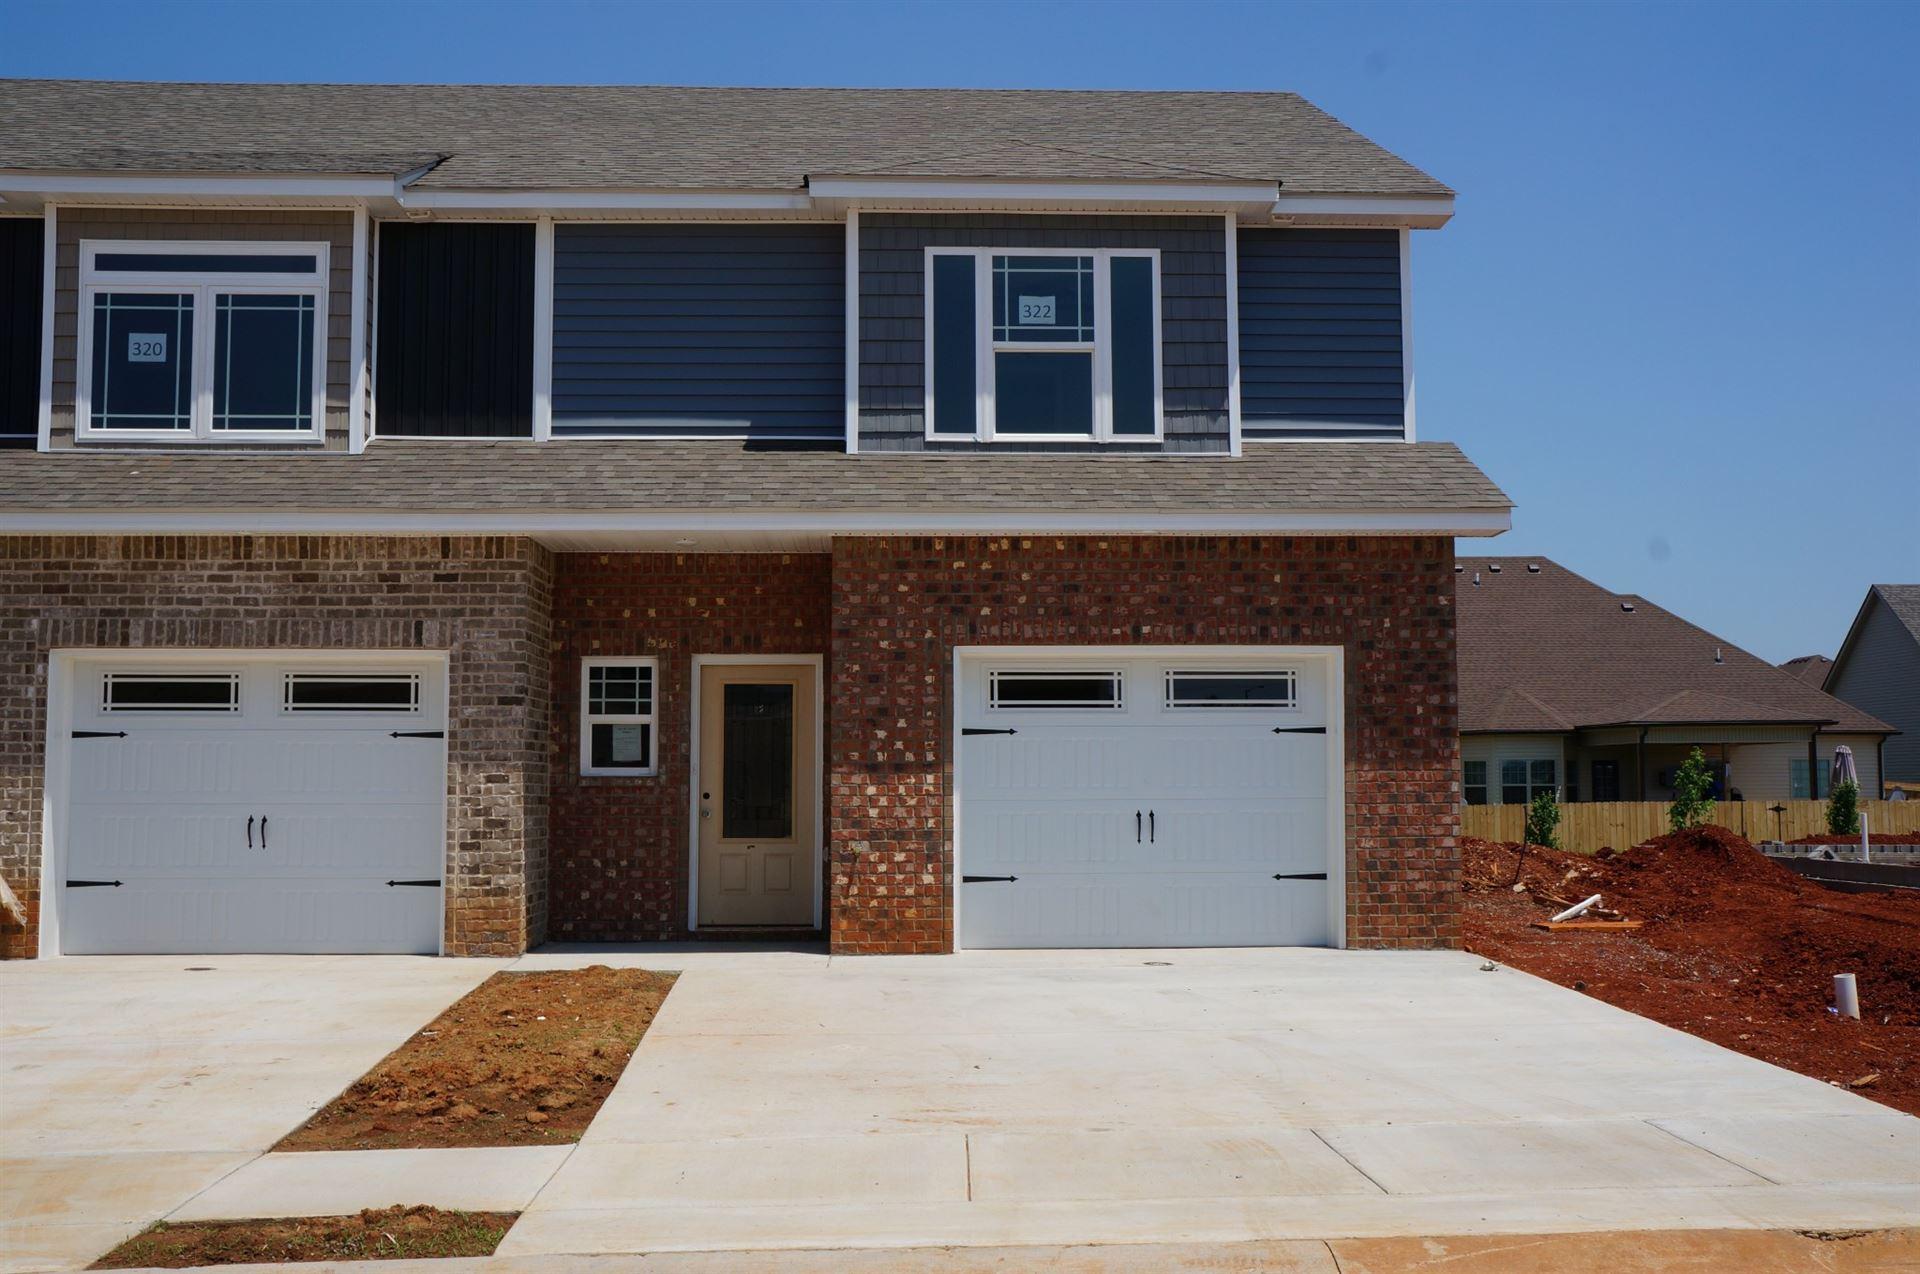 322 Fallow Cir, Clarksville, TN 37040 - MLS#: 2264879